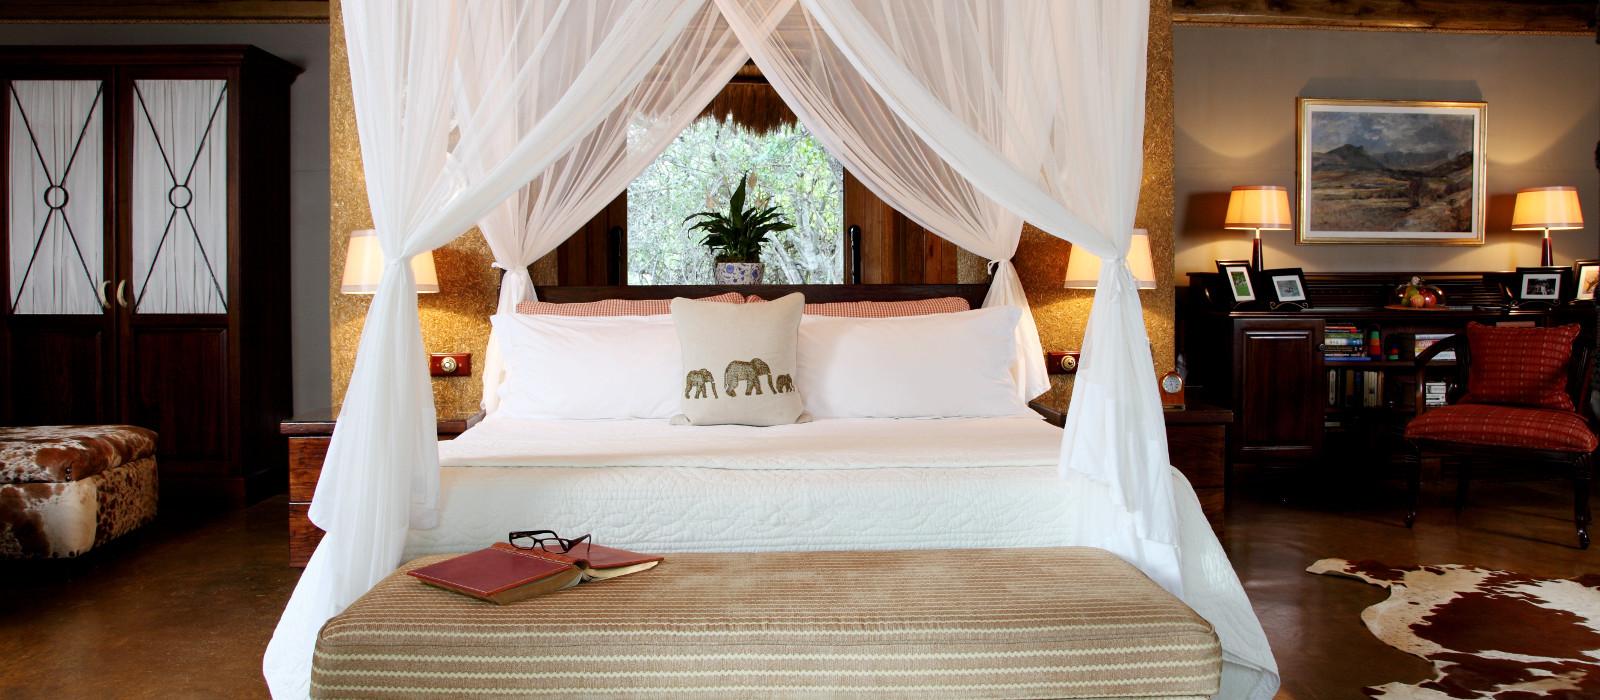 Hotel Camp Jabulani South Africa